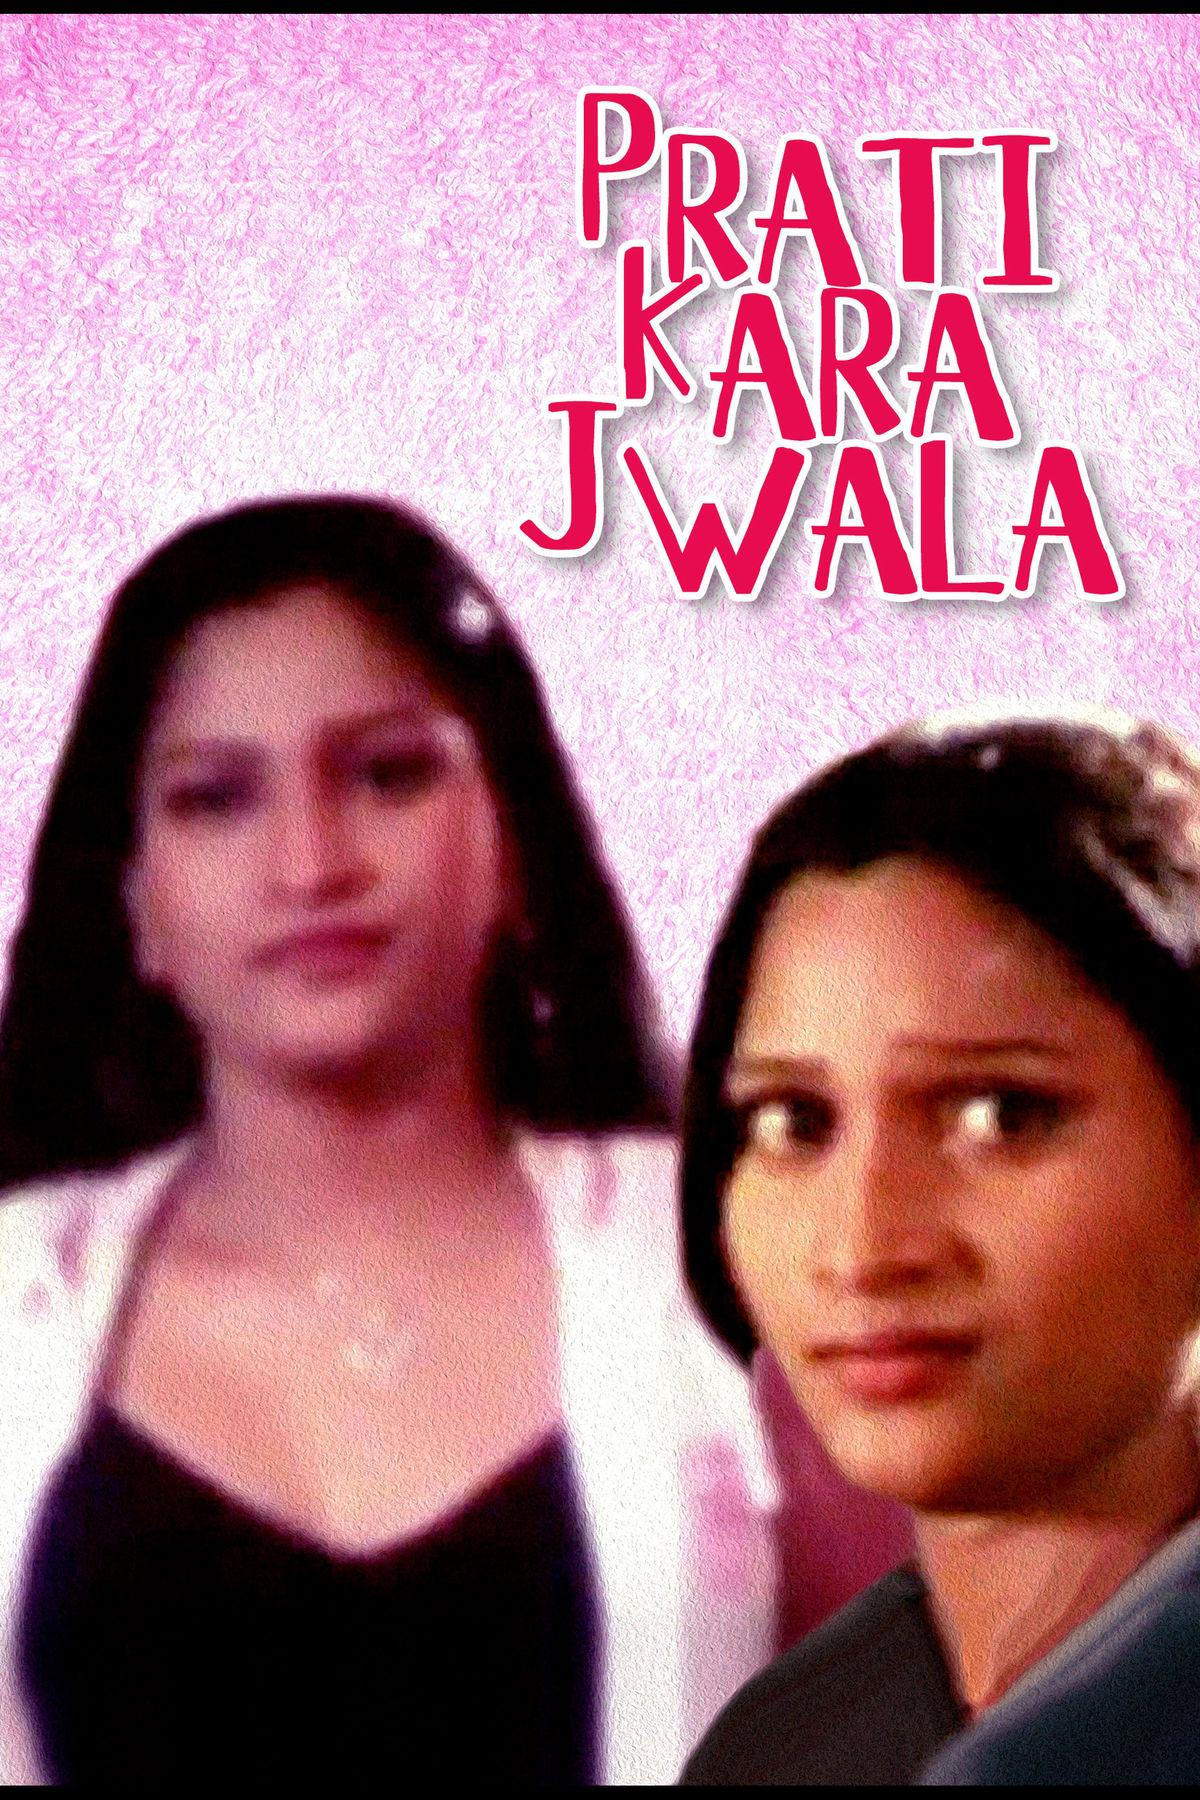 Prati Kara Jwala